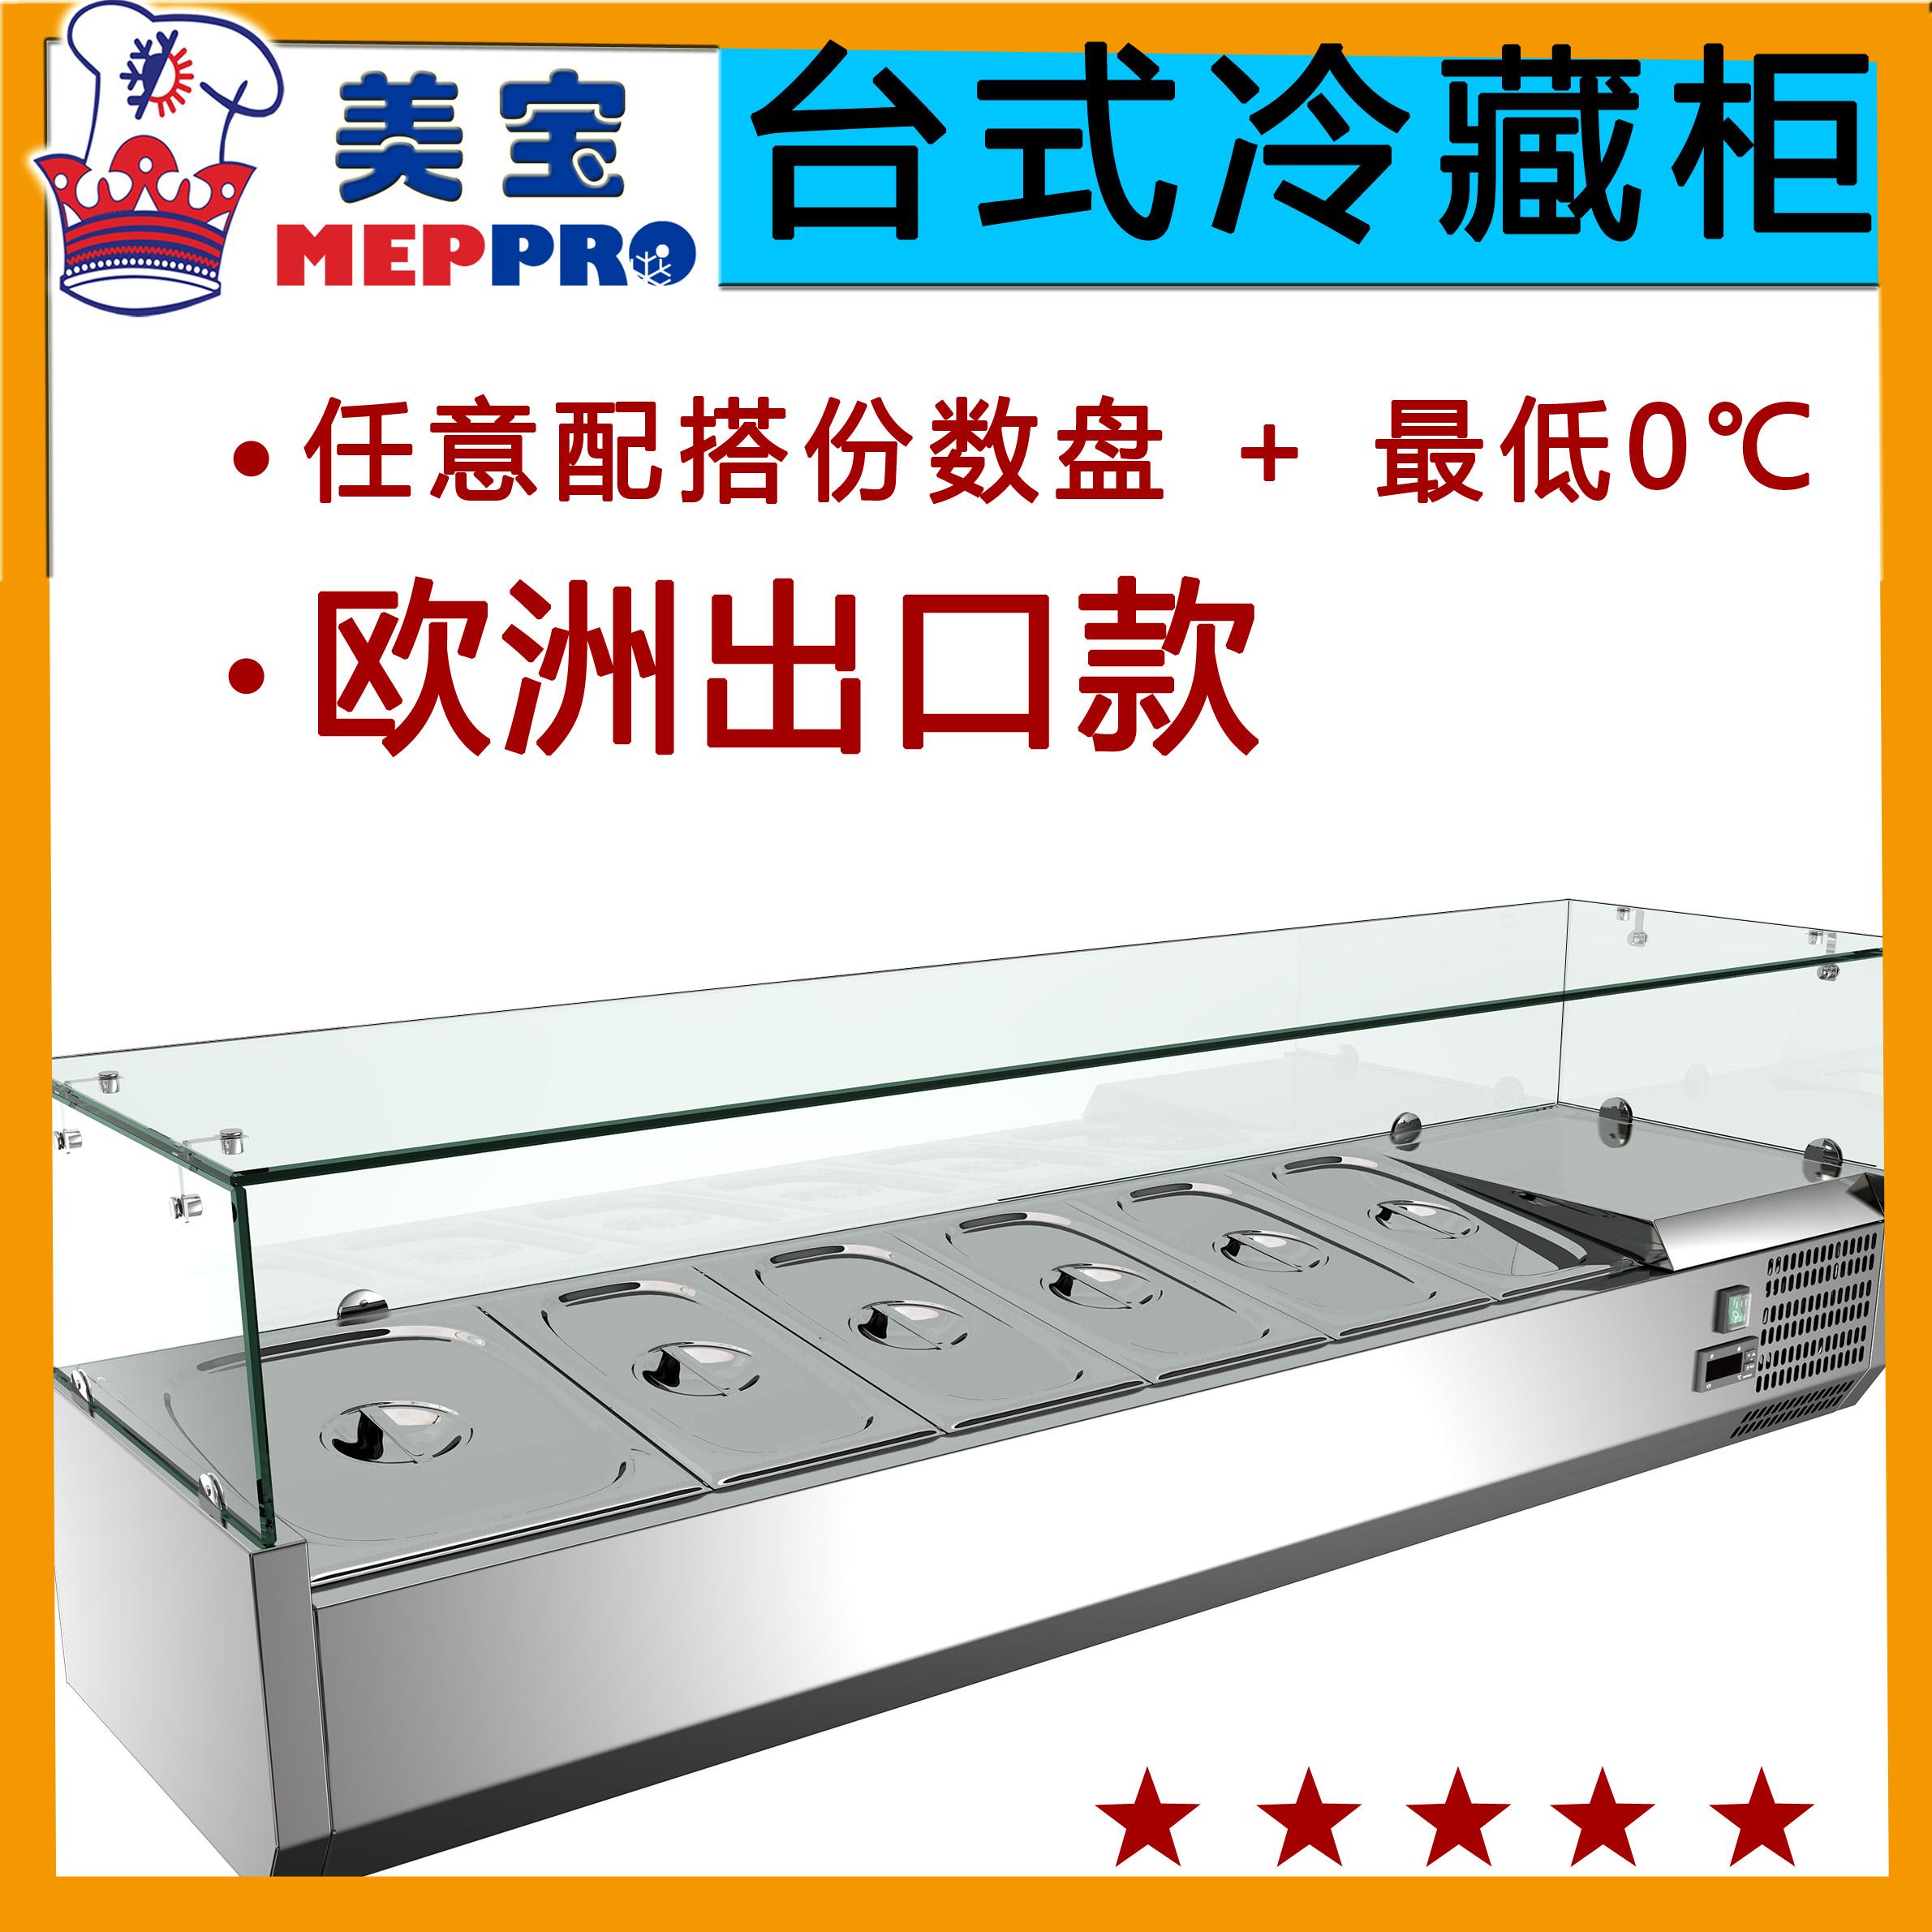 Прекрасный сокровище стол на рабочий стол столовая гора стекло холодный тибет шоу кабинет сохранение кабинет надеть бодхисаттва машинально салат тайвань часть количество блюдо холодный тибет кабинет